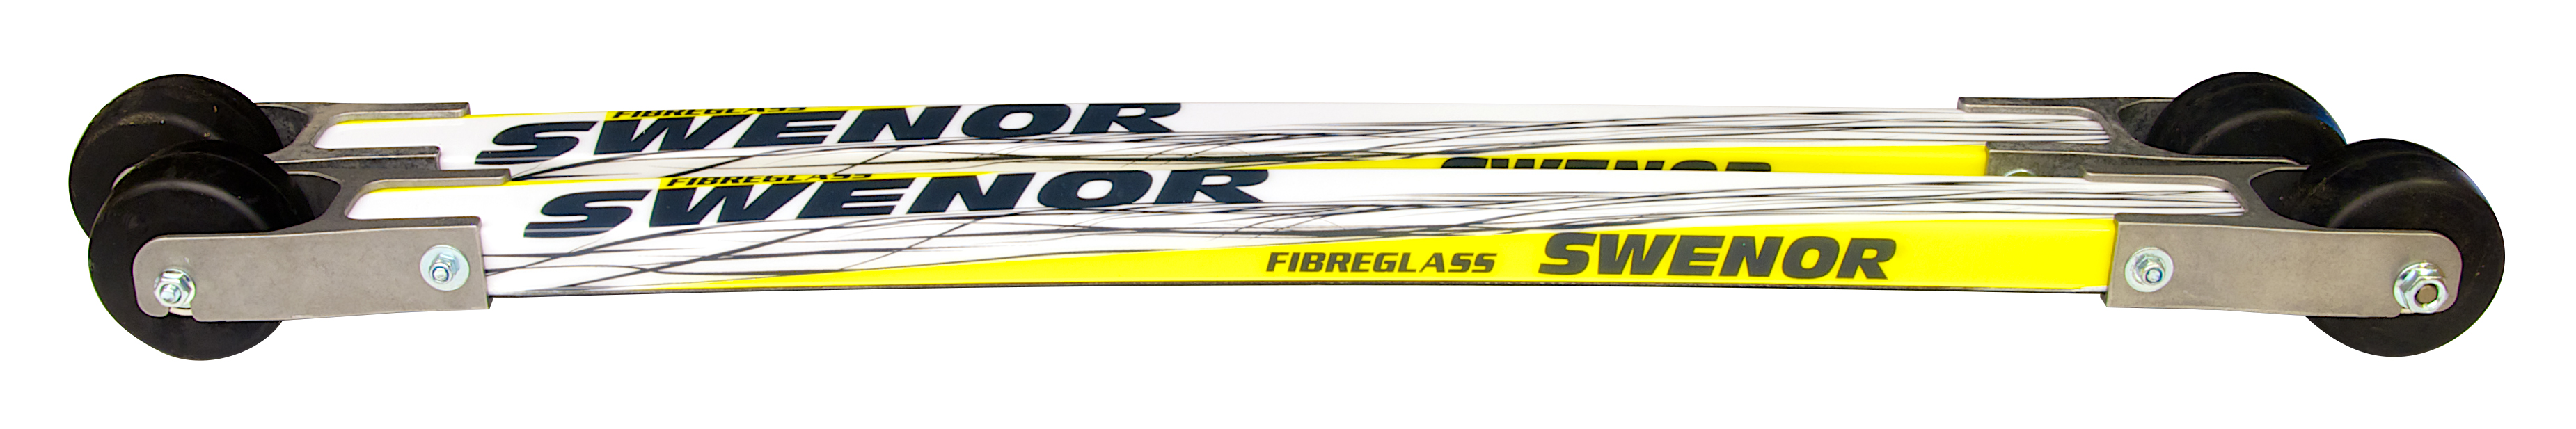 Swenor Fiberglass m/binding